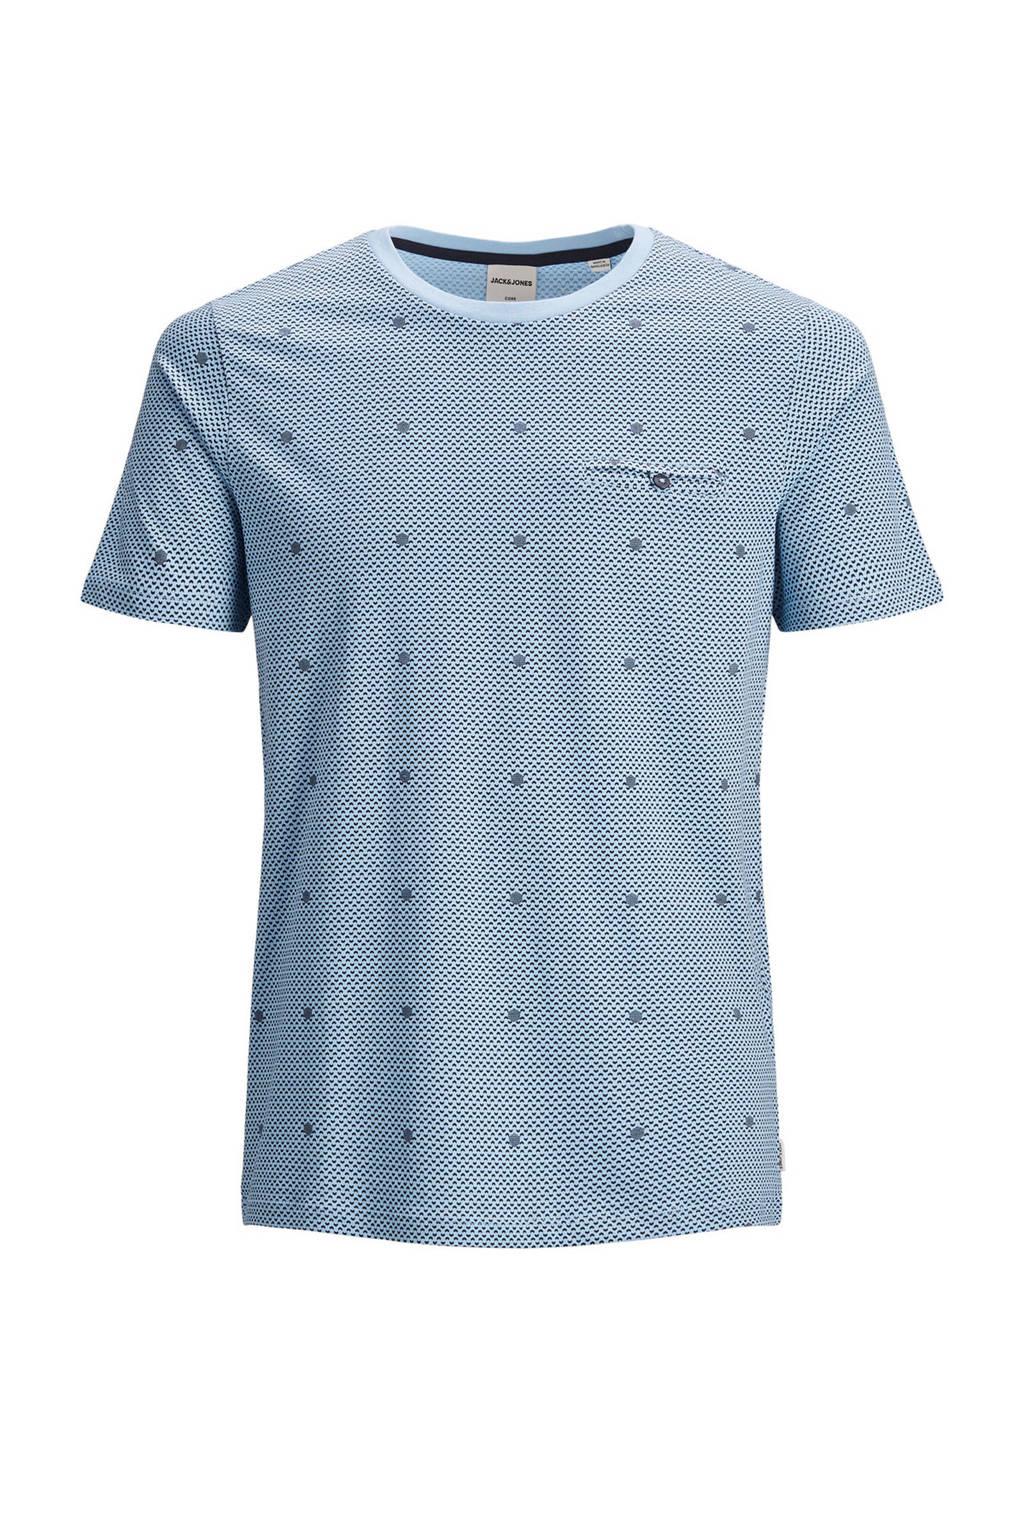 JACK & JONES CORE T-shirt met all over print blauw, Blauw